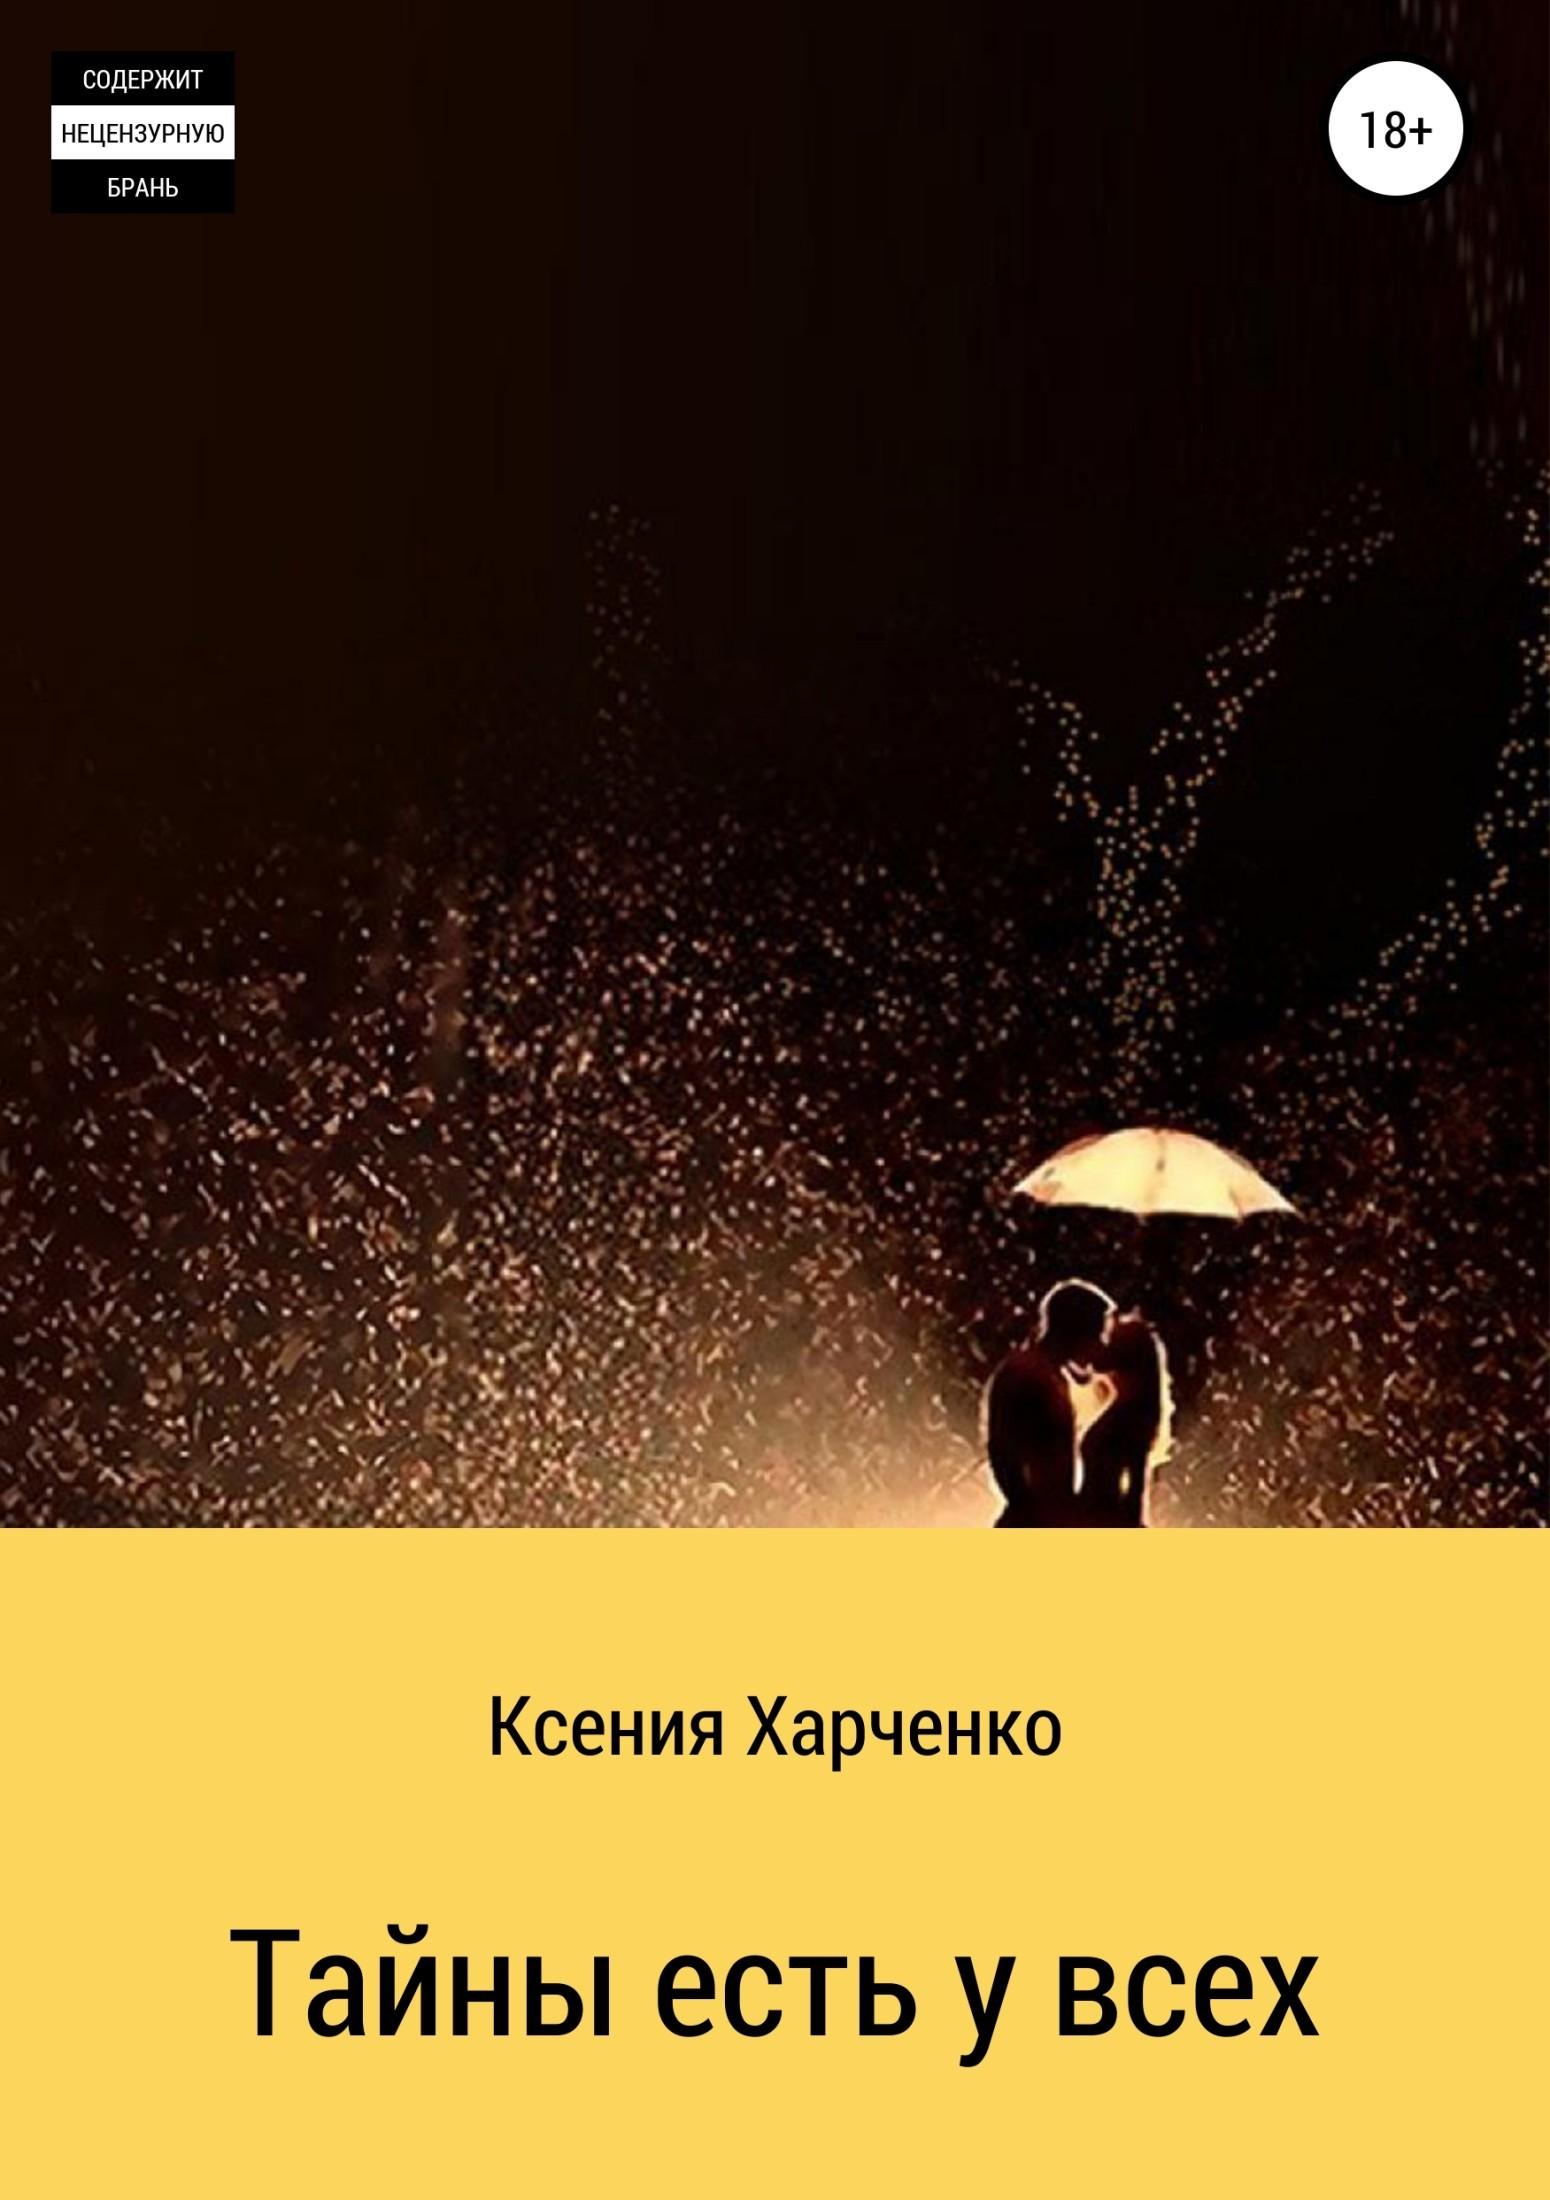 Ксения Харченко Тайны есть у всех